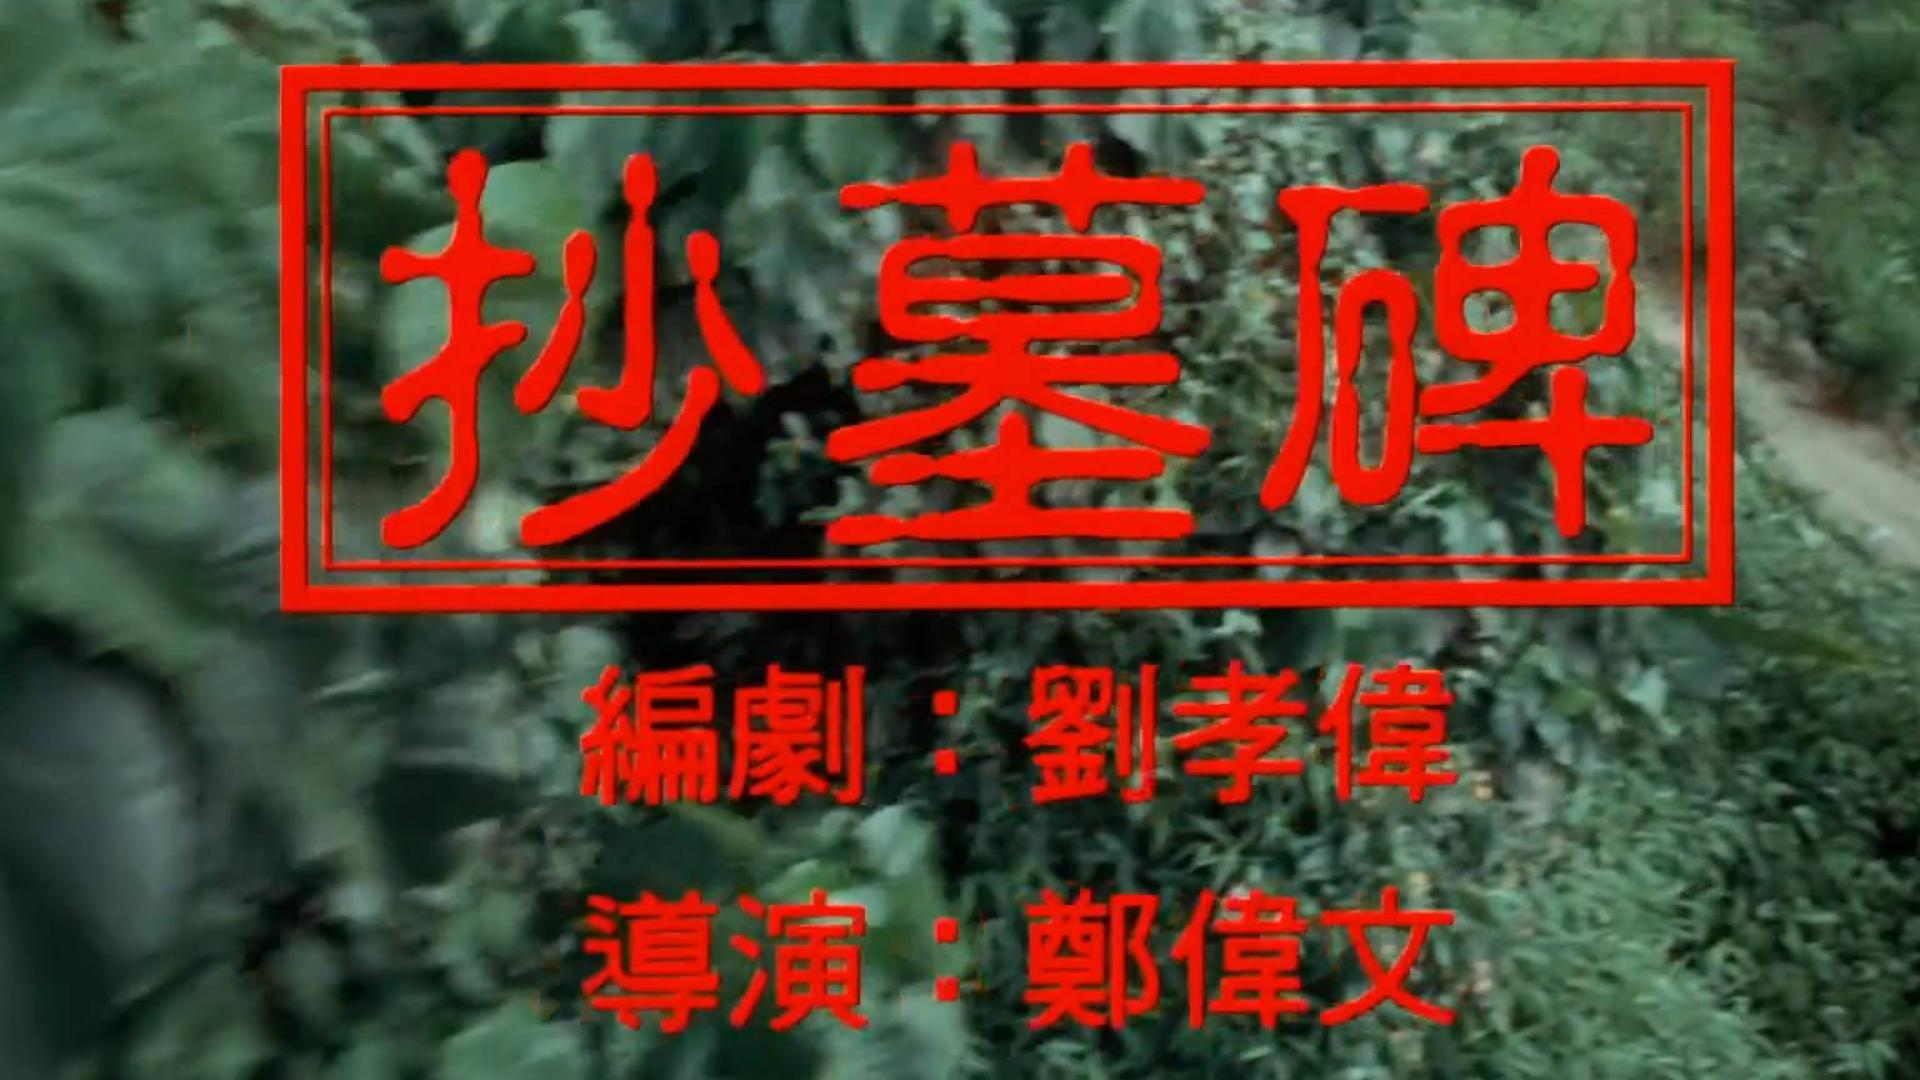 一部香港鬼片,三男三女半夜去坟场玩游戏,结果一个人被鬼留下了